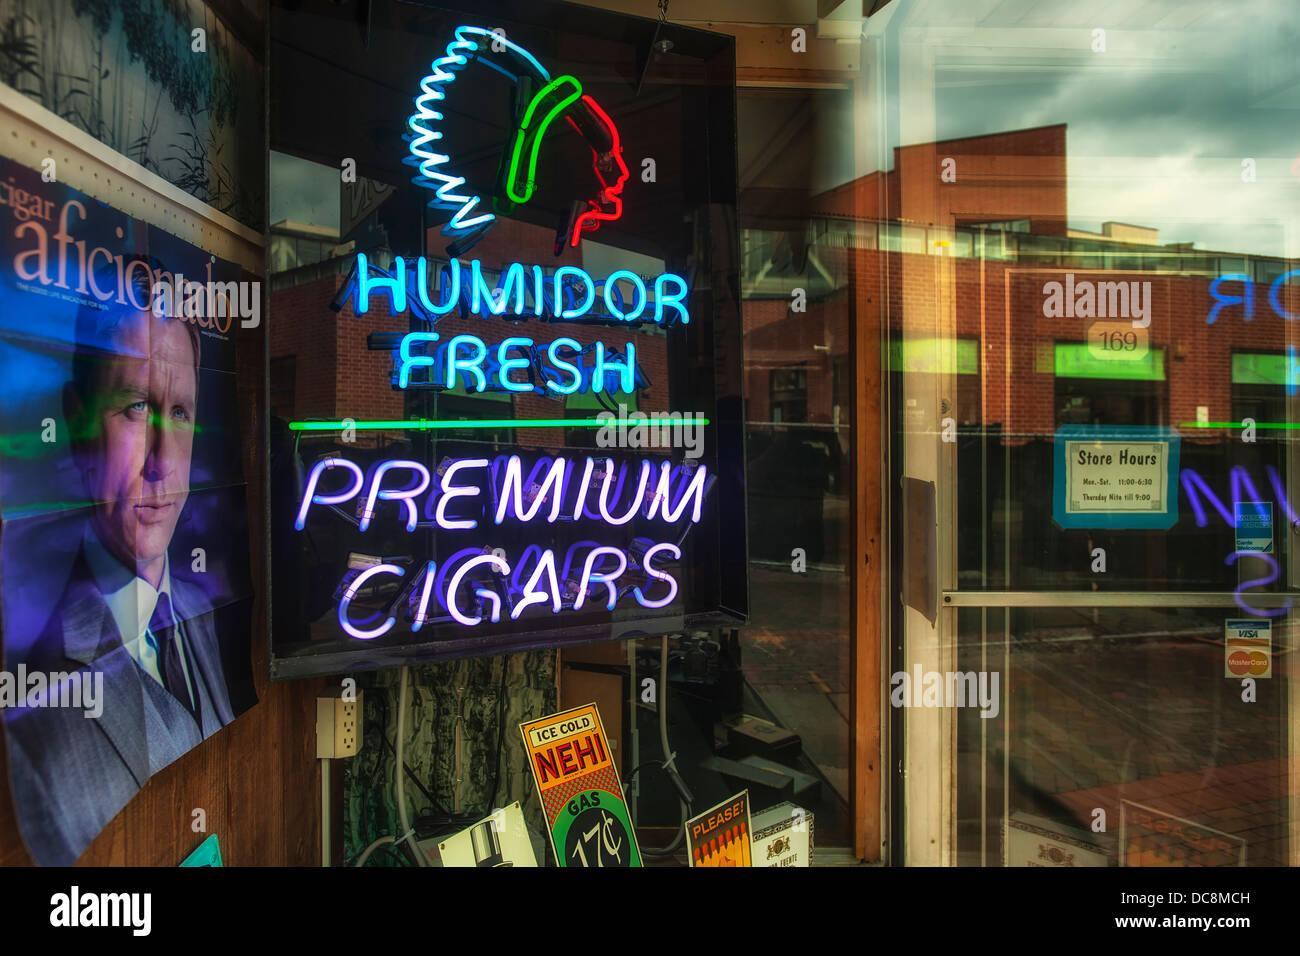 Un éditorial de droit d'un magasin de cigares. Photo Stock